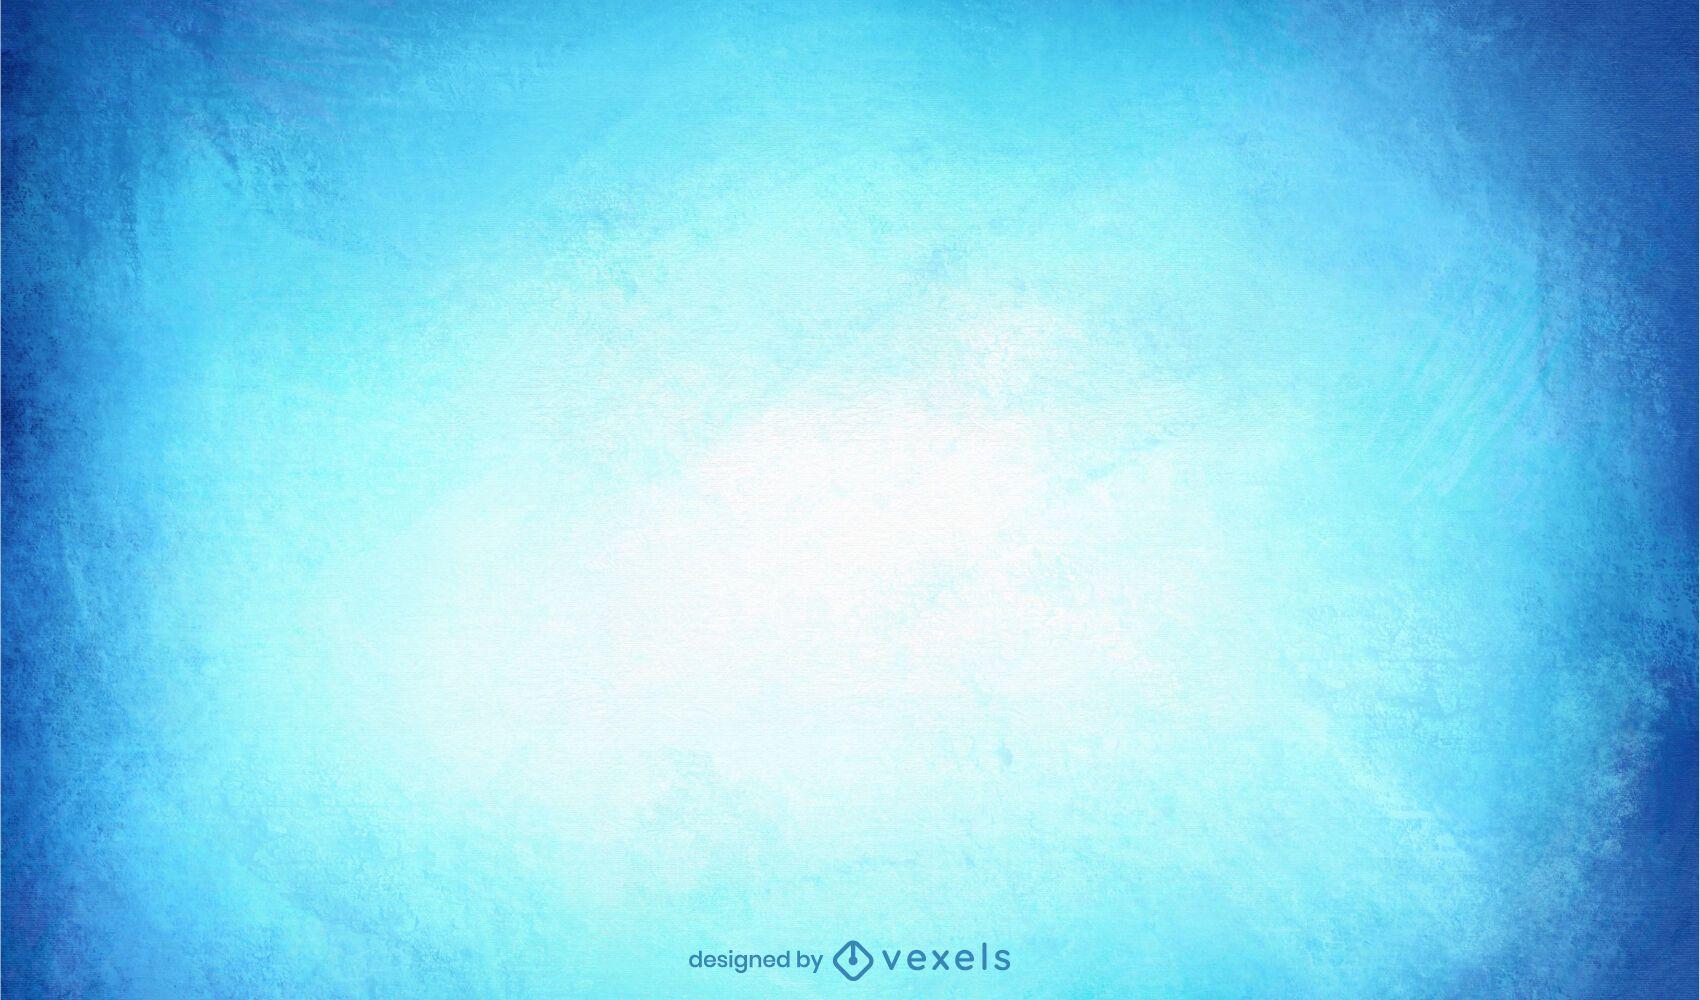 Blaues Aquarellhintergrunddesign